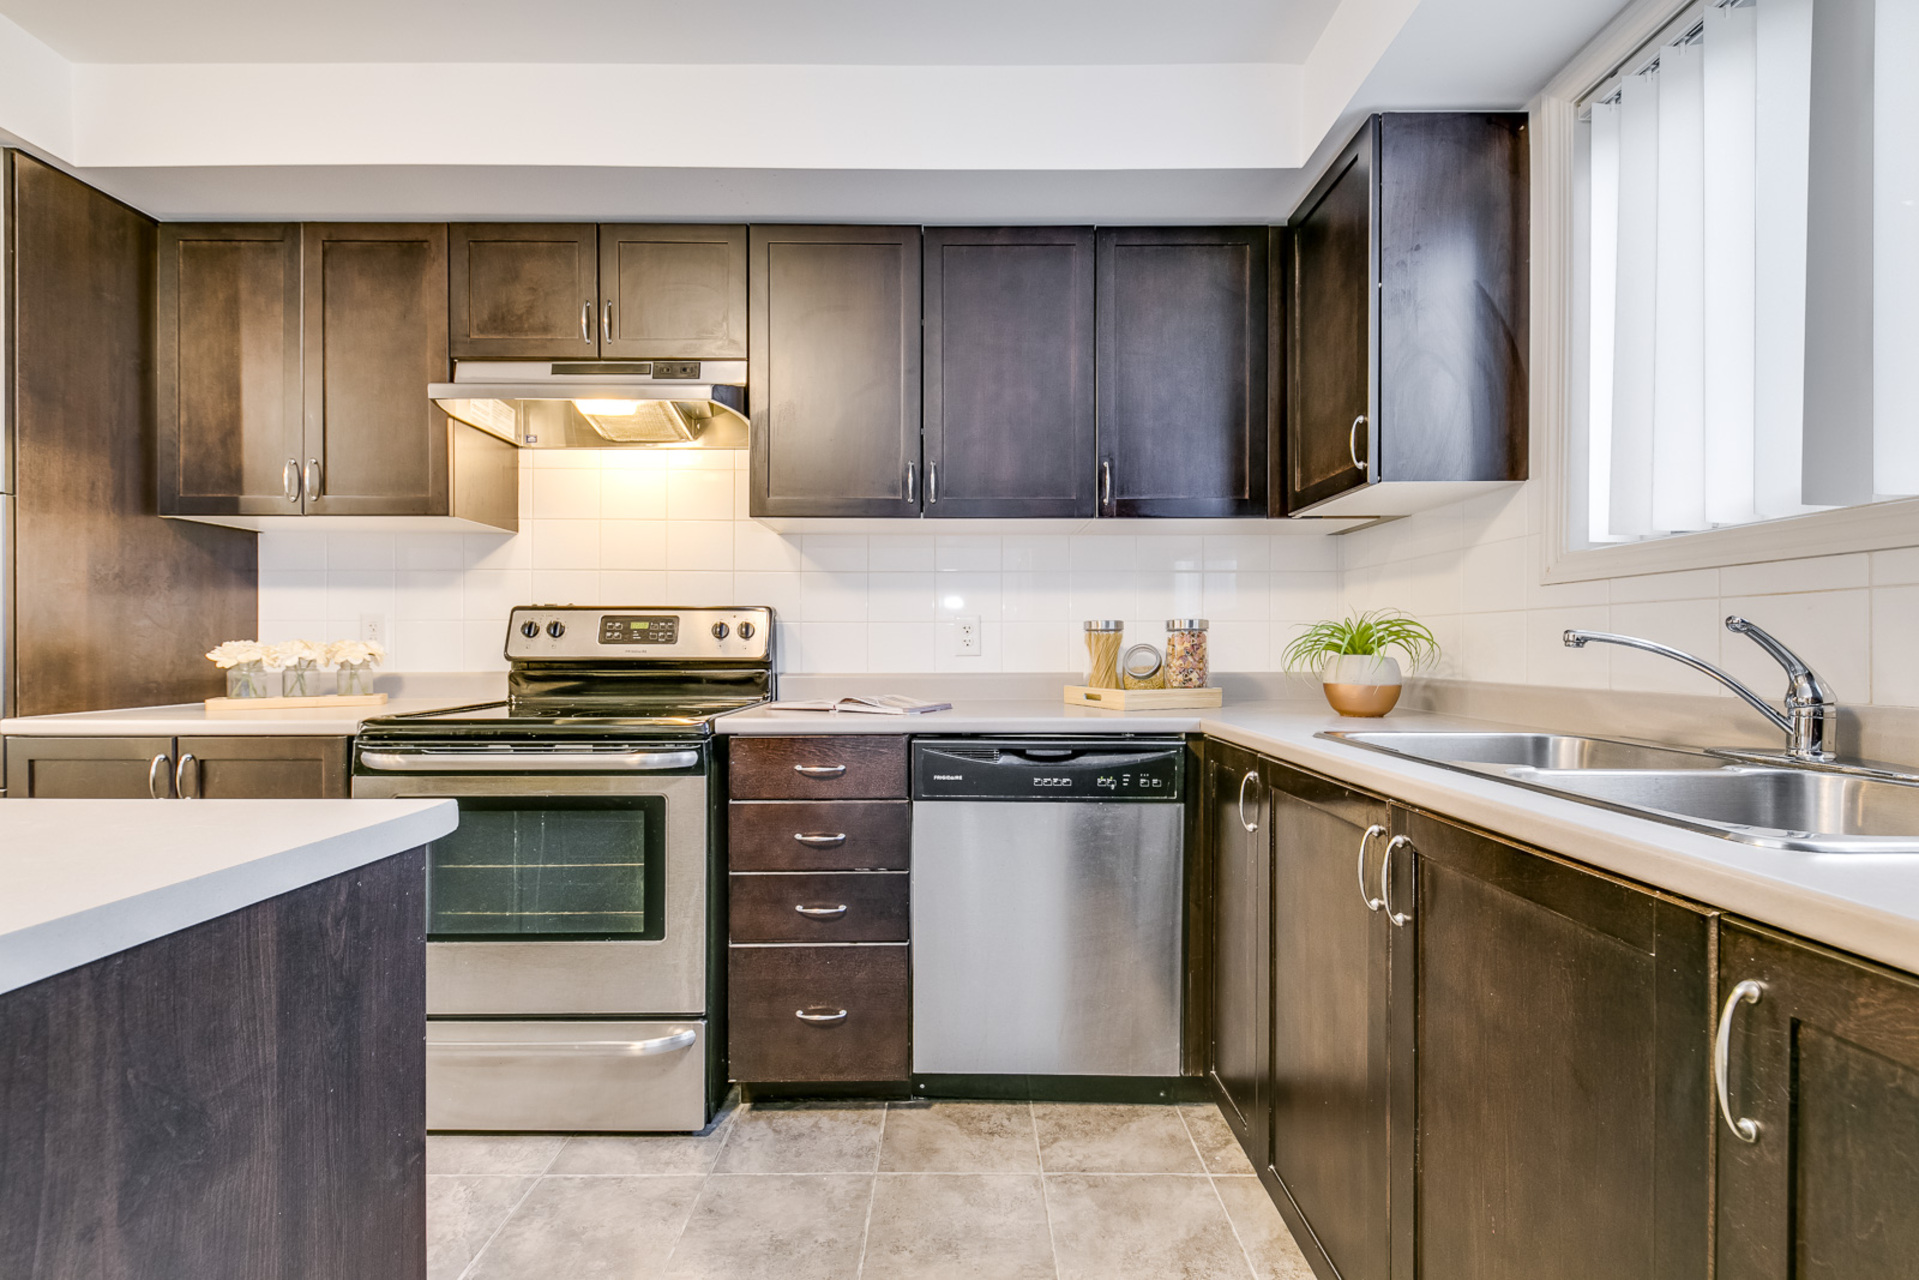 Kitchen - 2891 Rio Crt, Mississauga - Elite3 & Team at 46 - 2891 Rio Court, Central Erin Mills, Mississauga